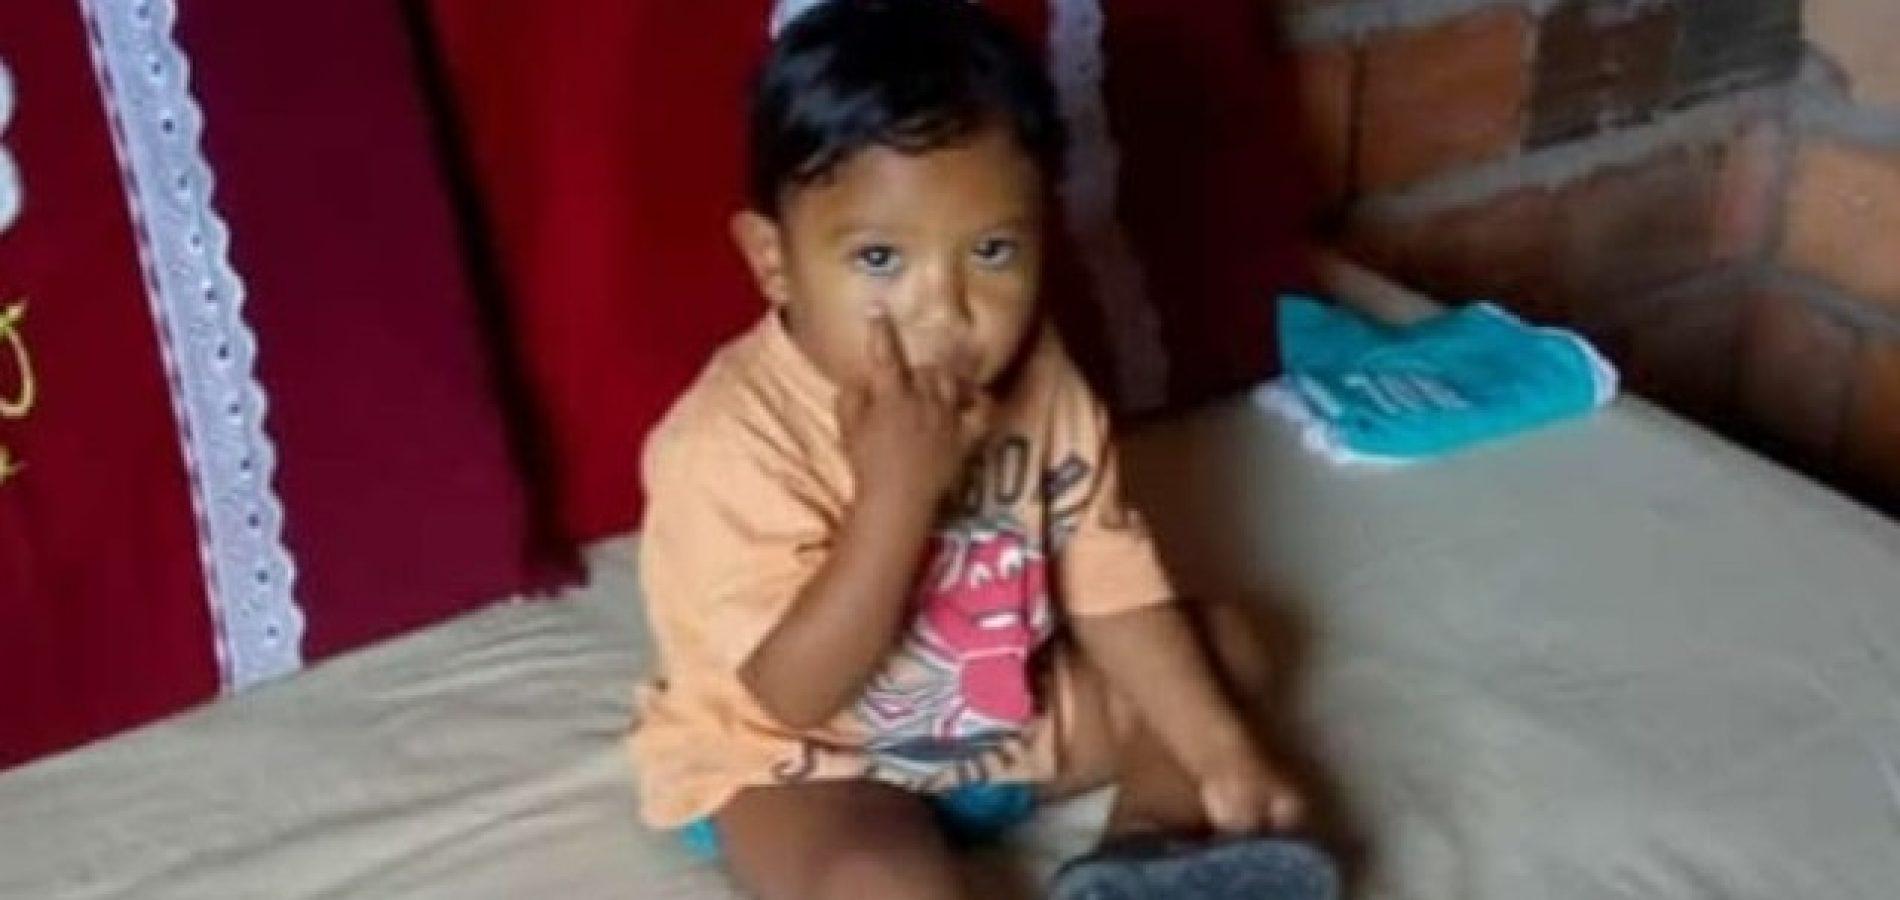 Pai acusado de matar filho ao arremessar bebê no chão vai a júri popular no Piauí